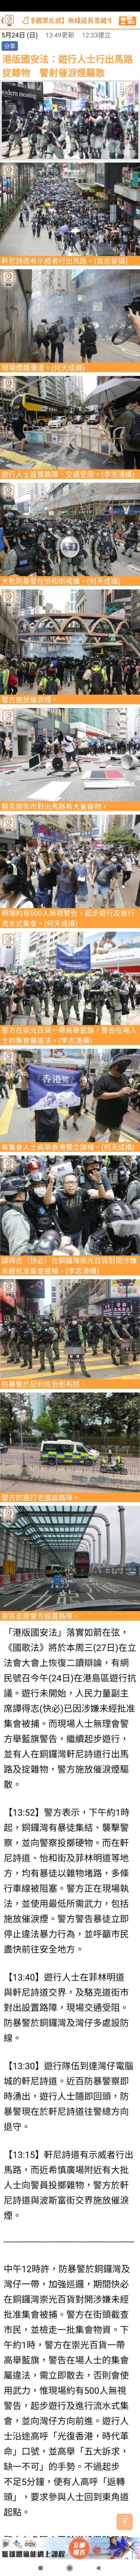 香港5242020.jpg